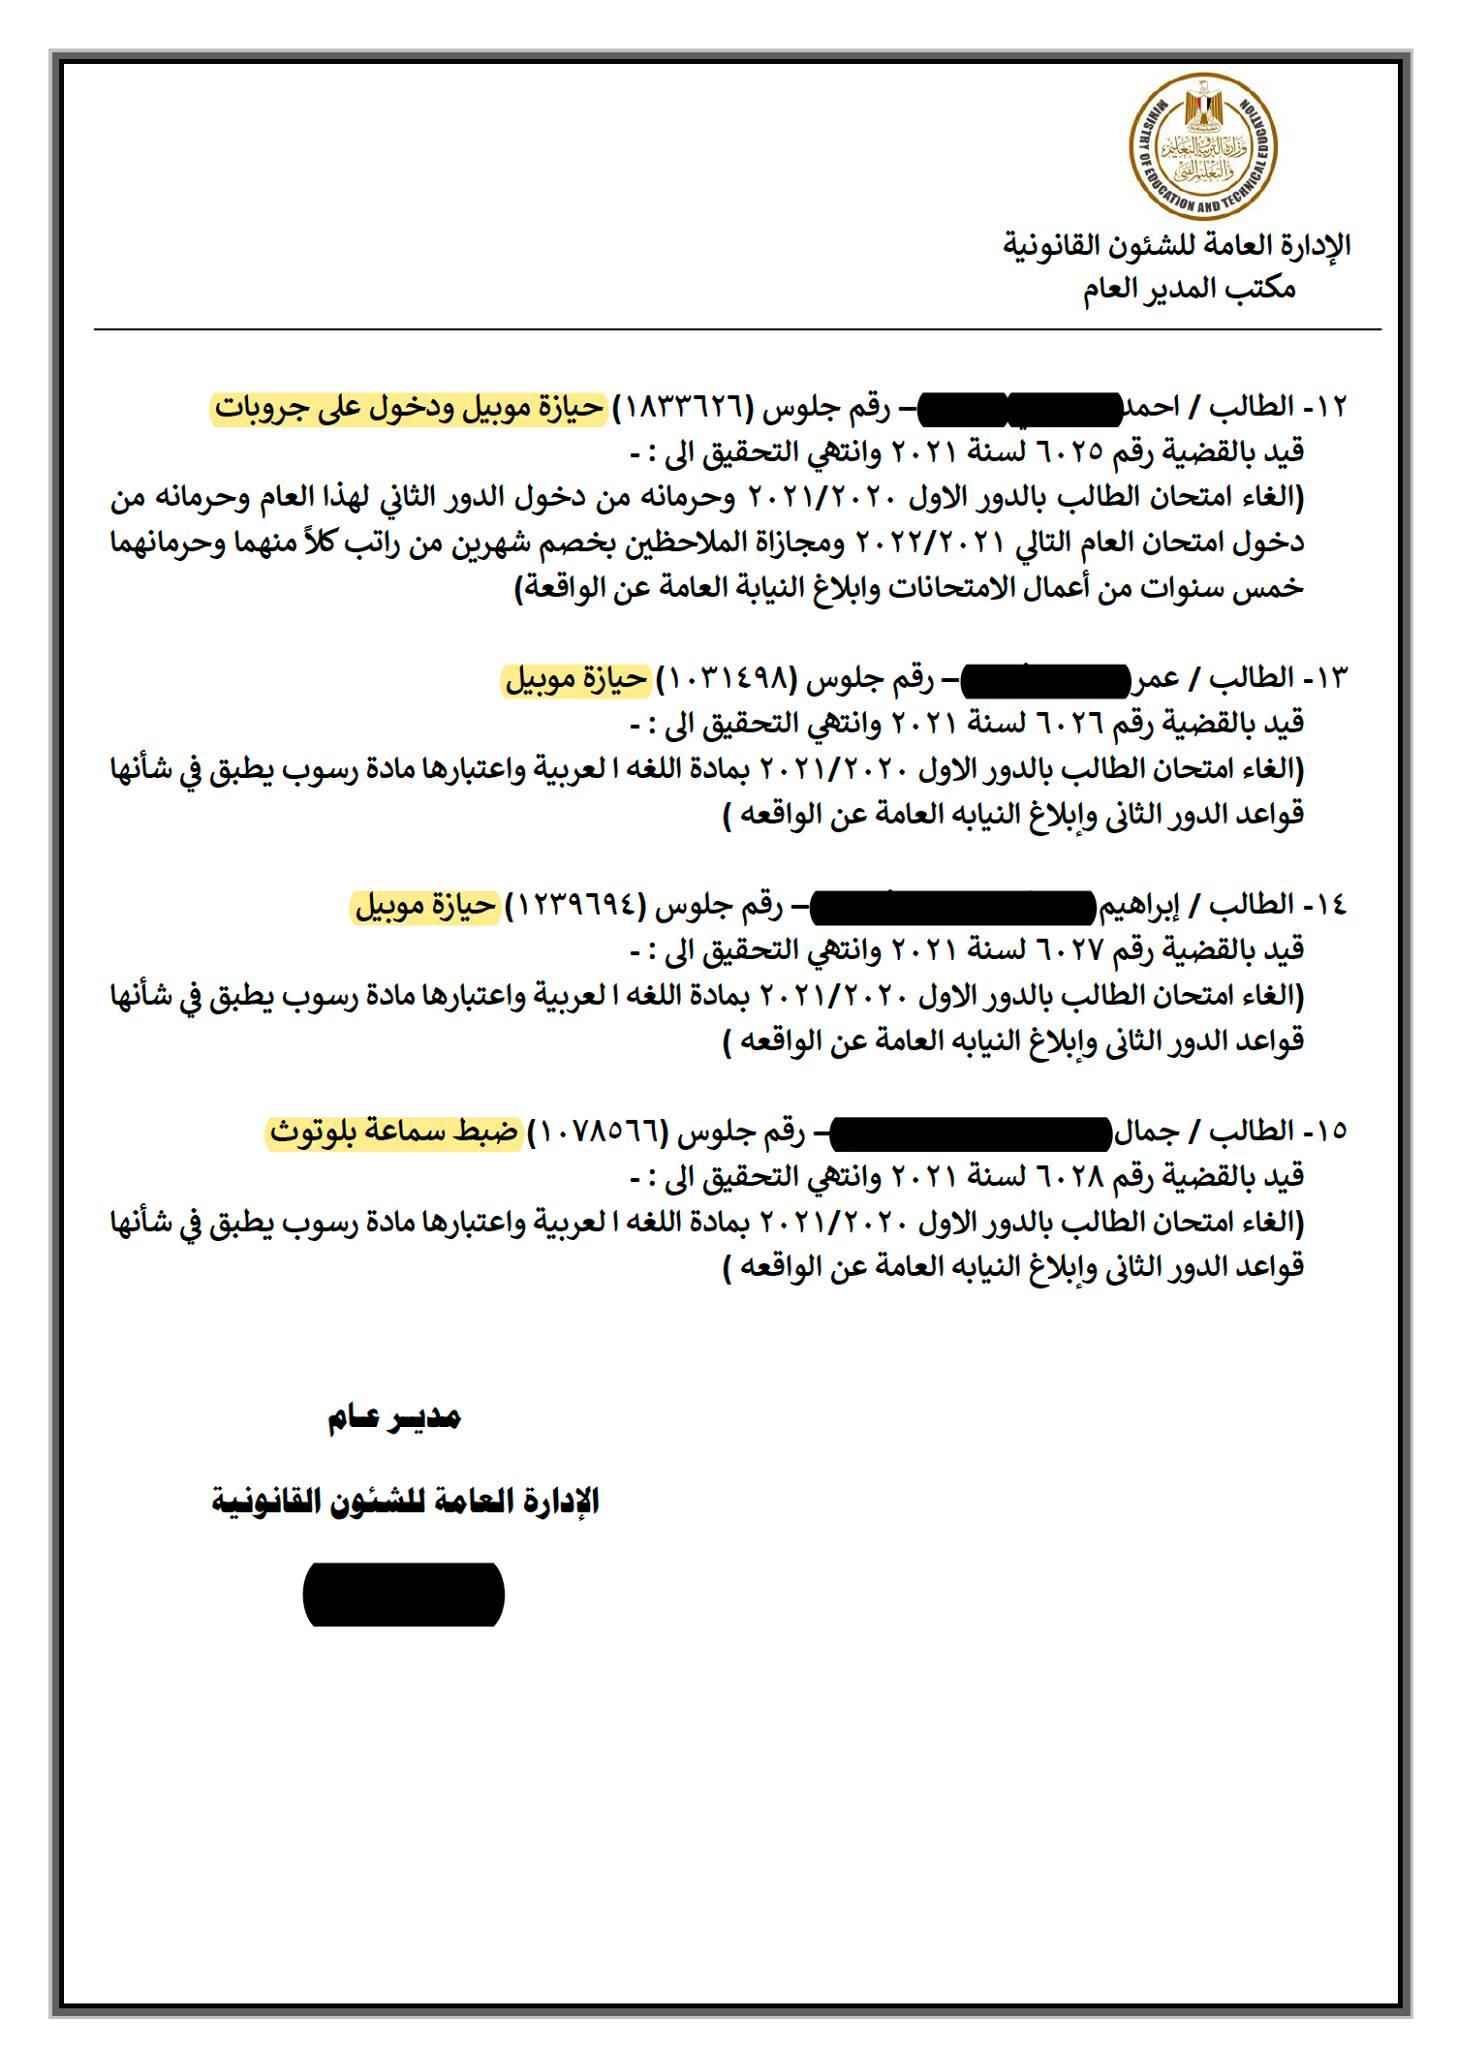 وزير التعليم يقرر حرمان 7 طلاب من دخول الامتحانات عامين.. إعرف السبب